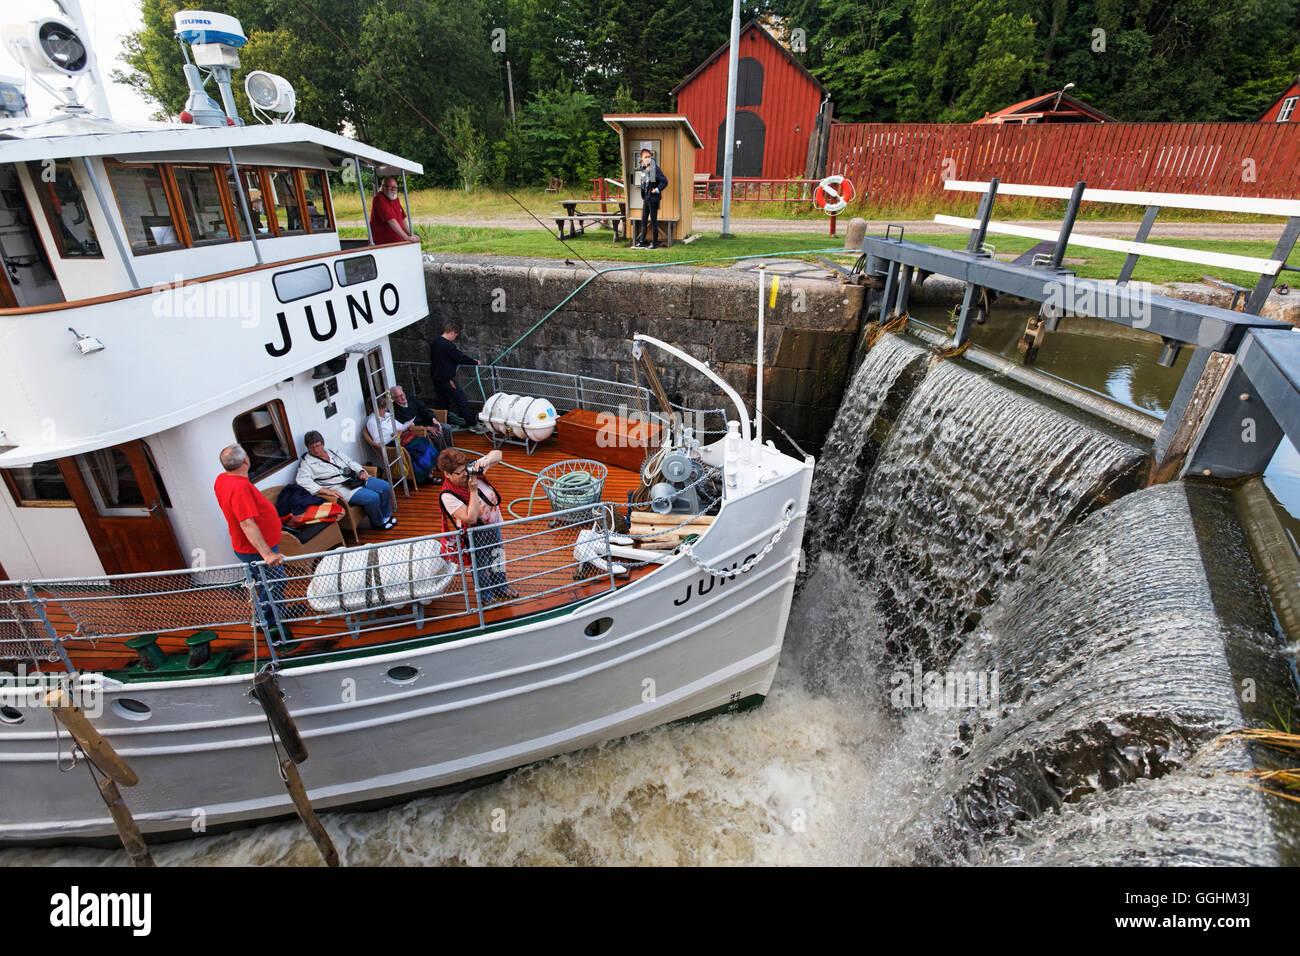 Historischen Kanalboot Juno in eine Sperre, Göta Kanal, Norrkoeping, Schweden Stockfoto